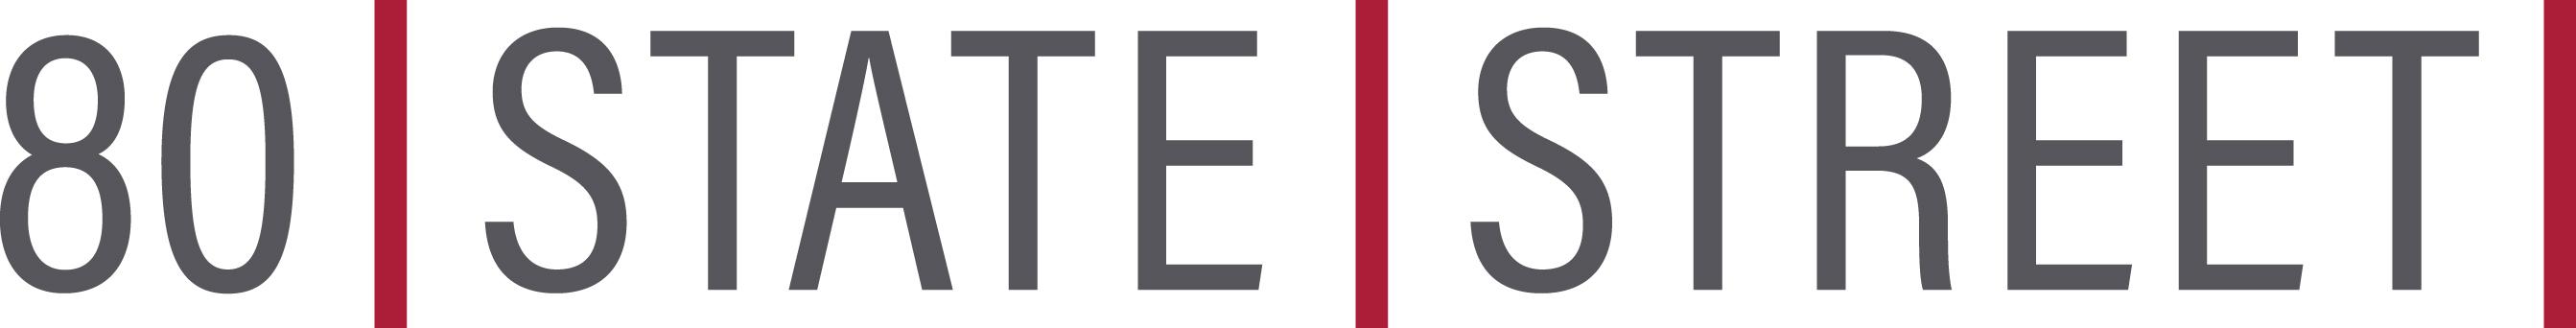 80 State Street Logo